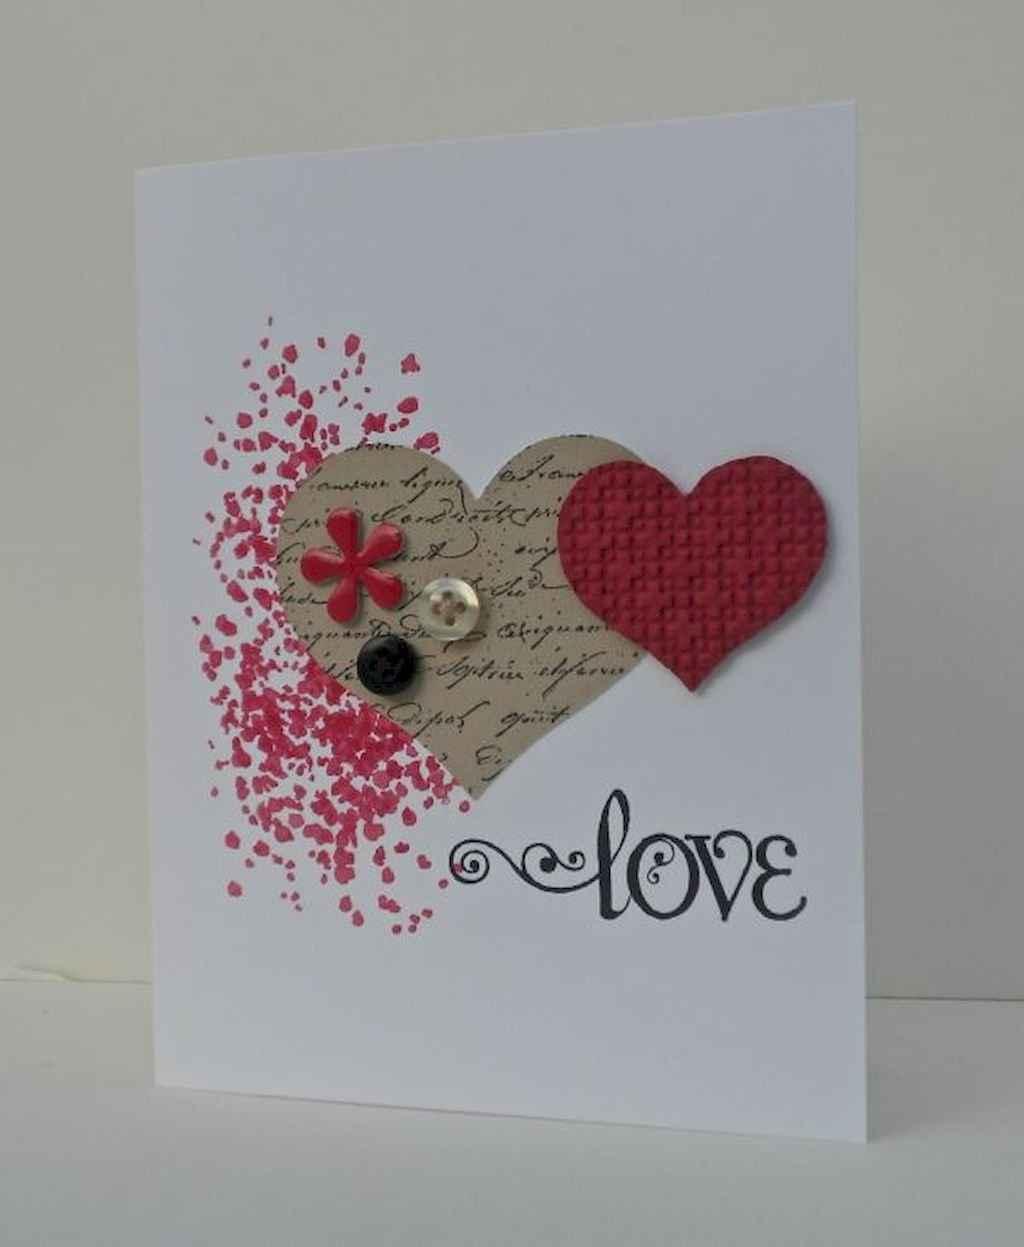 50 Romantic Valentines Cards Design Ideas (15)